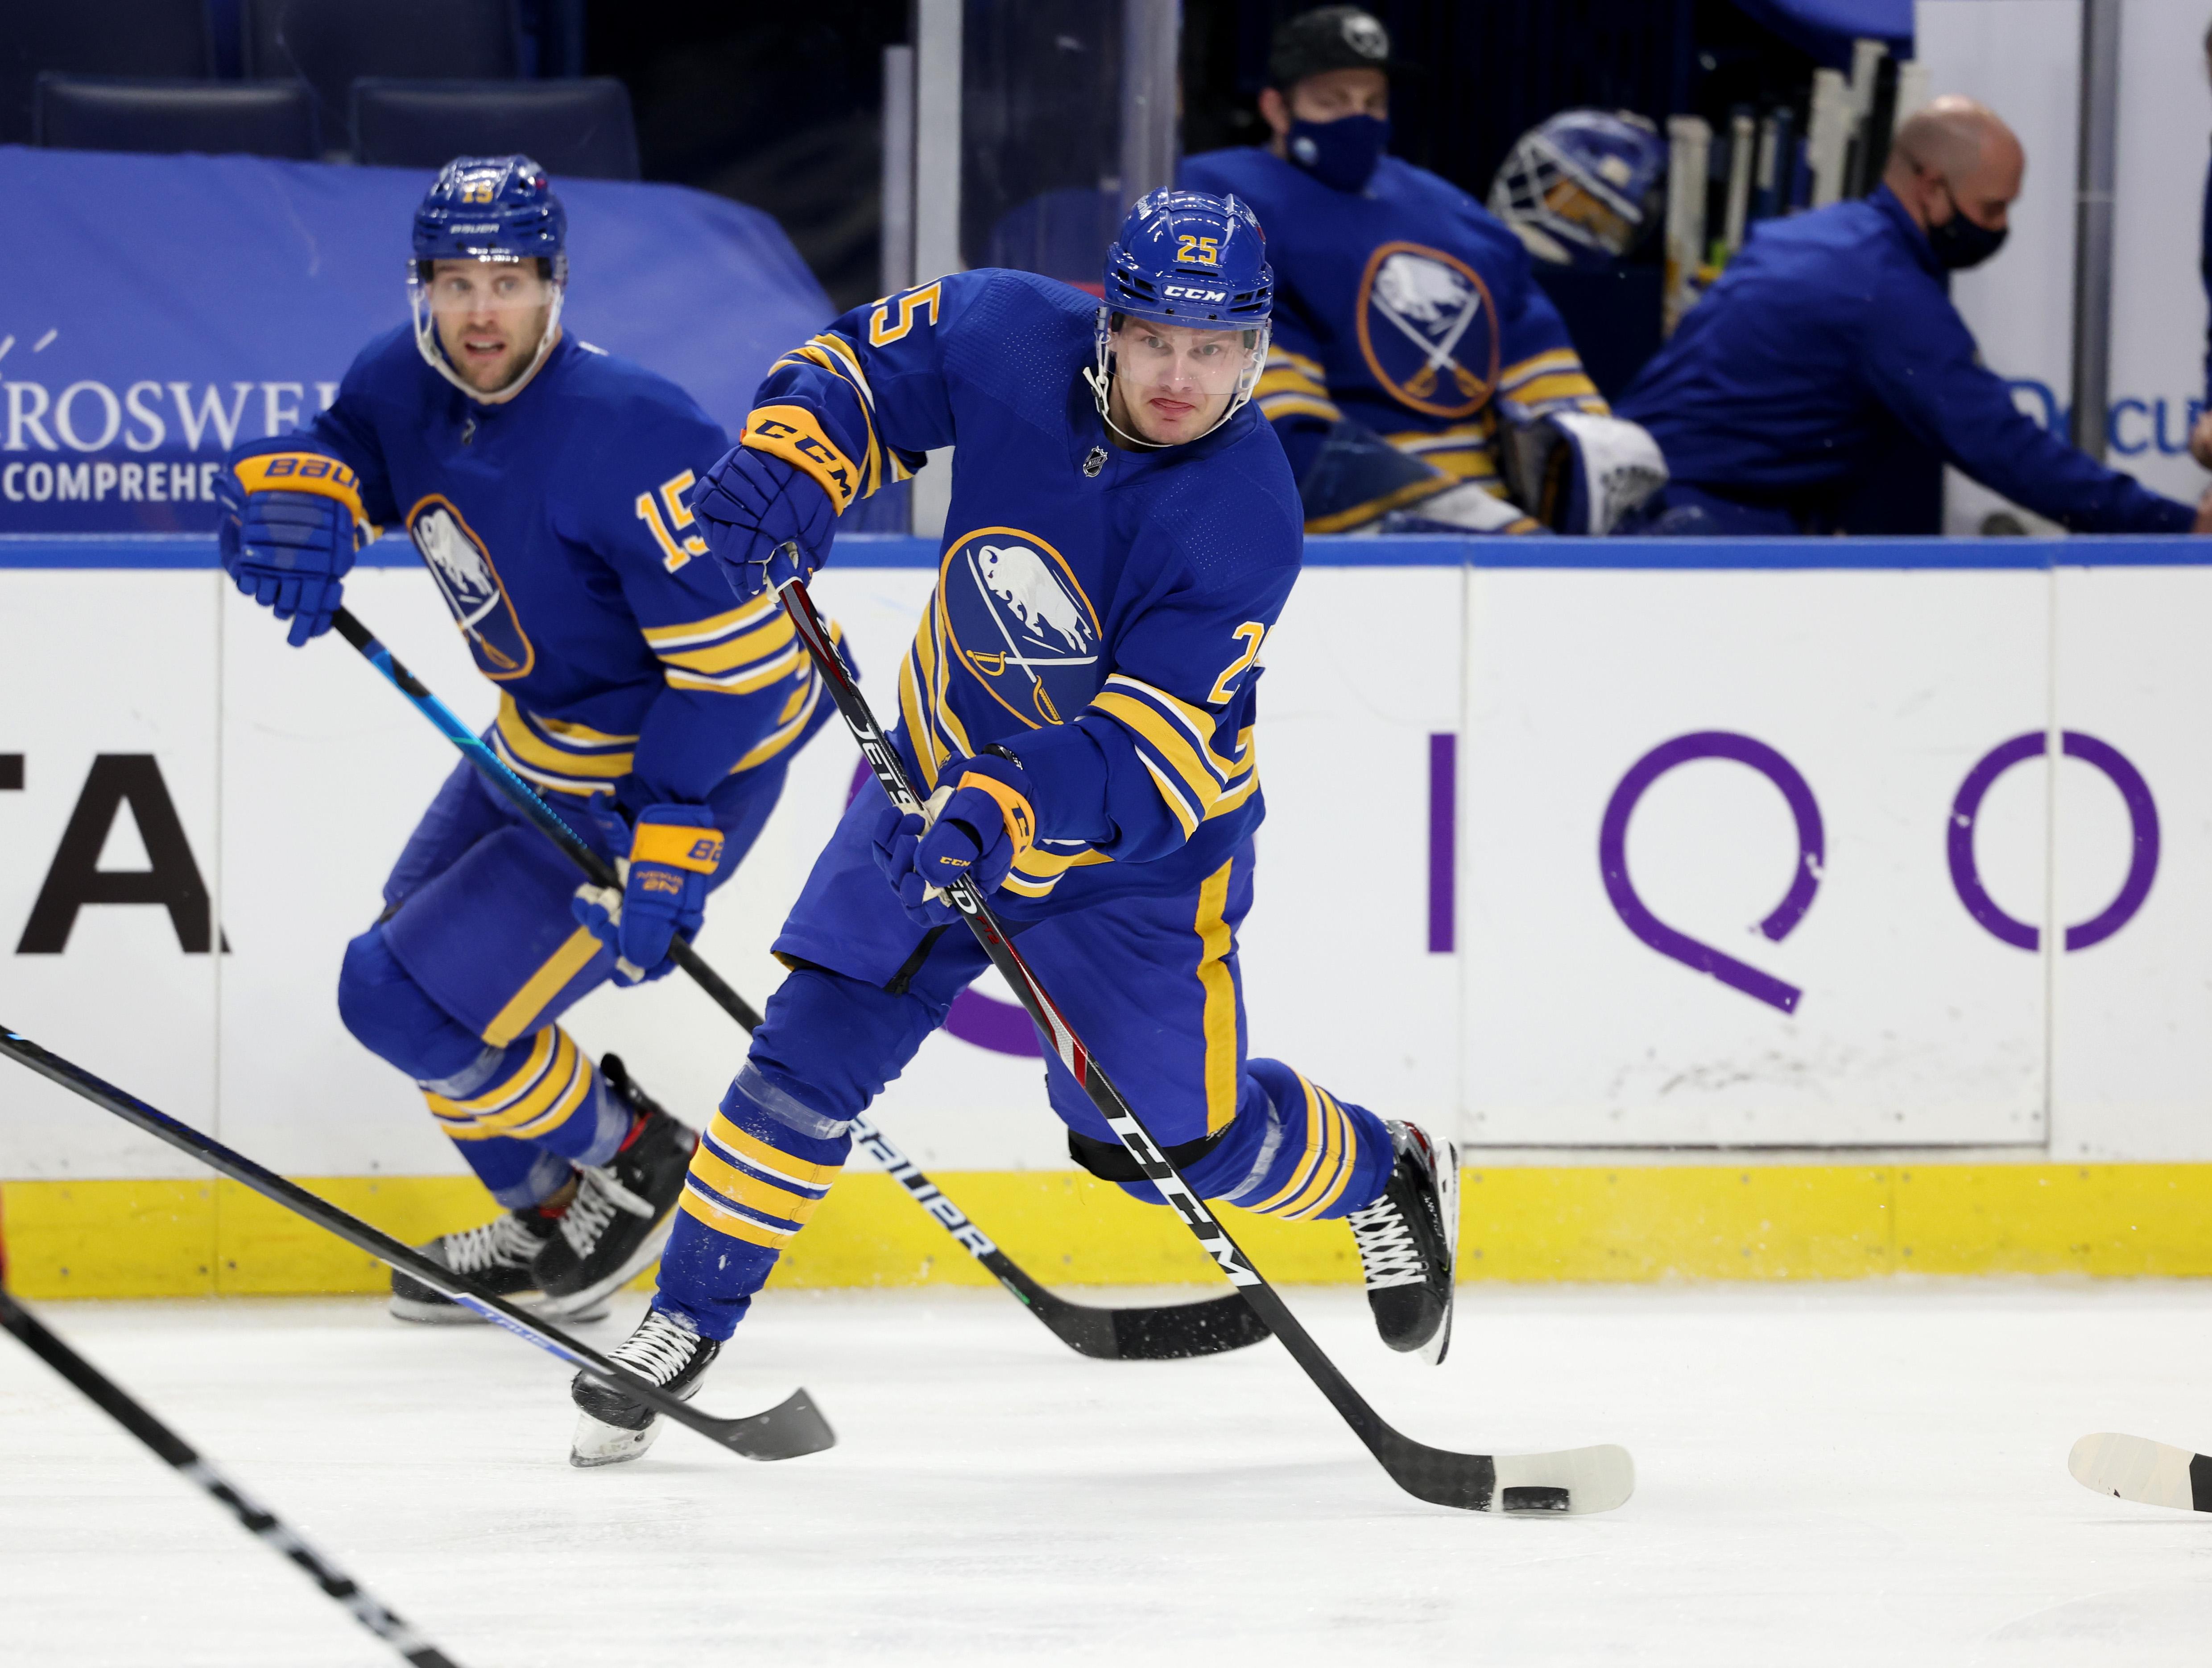 NHL: Washington Capitals at Buffalo Sabres